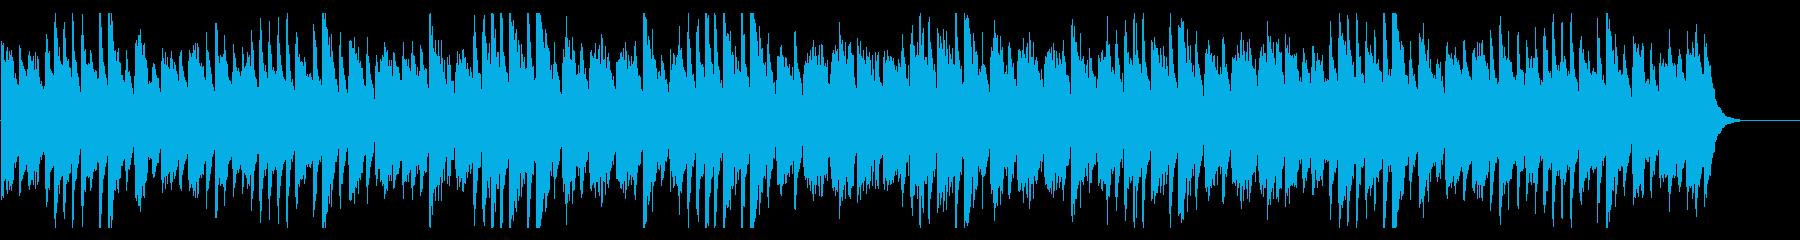 星空をイメージした三拍子の幻想的なピアノの再生済みの波形